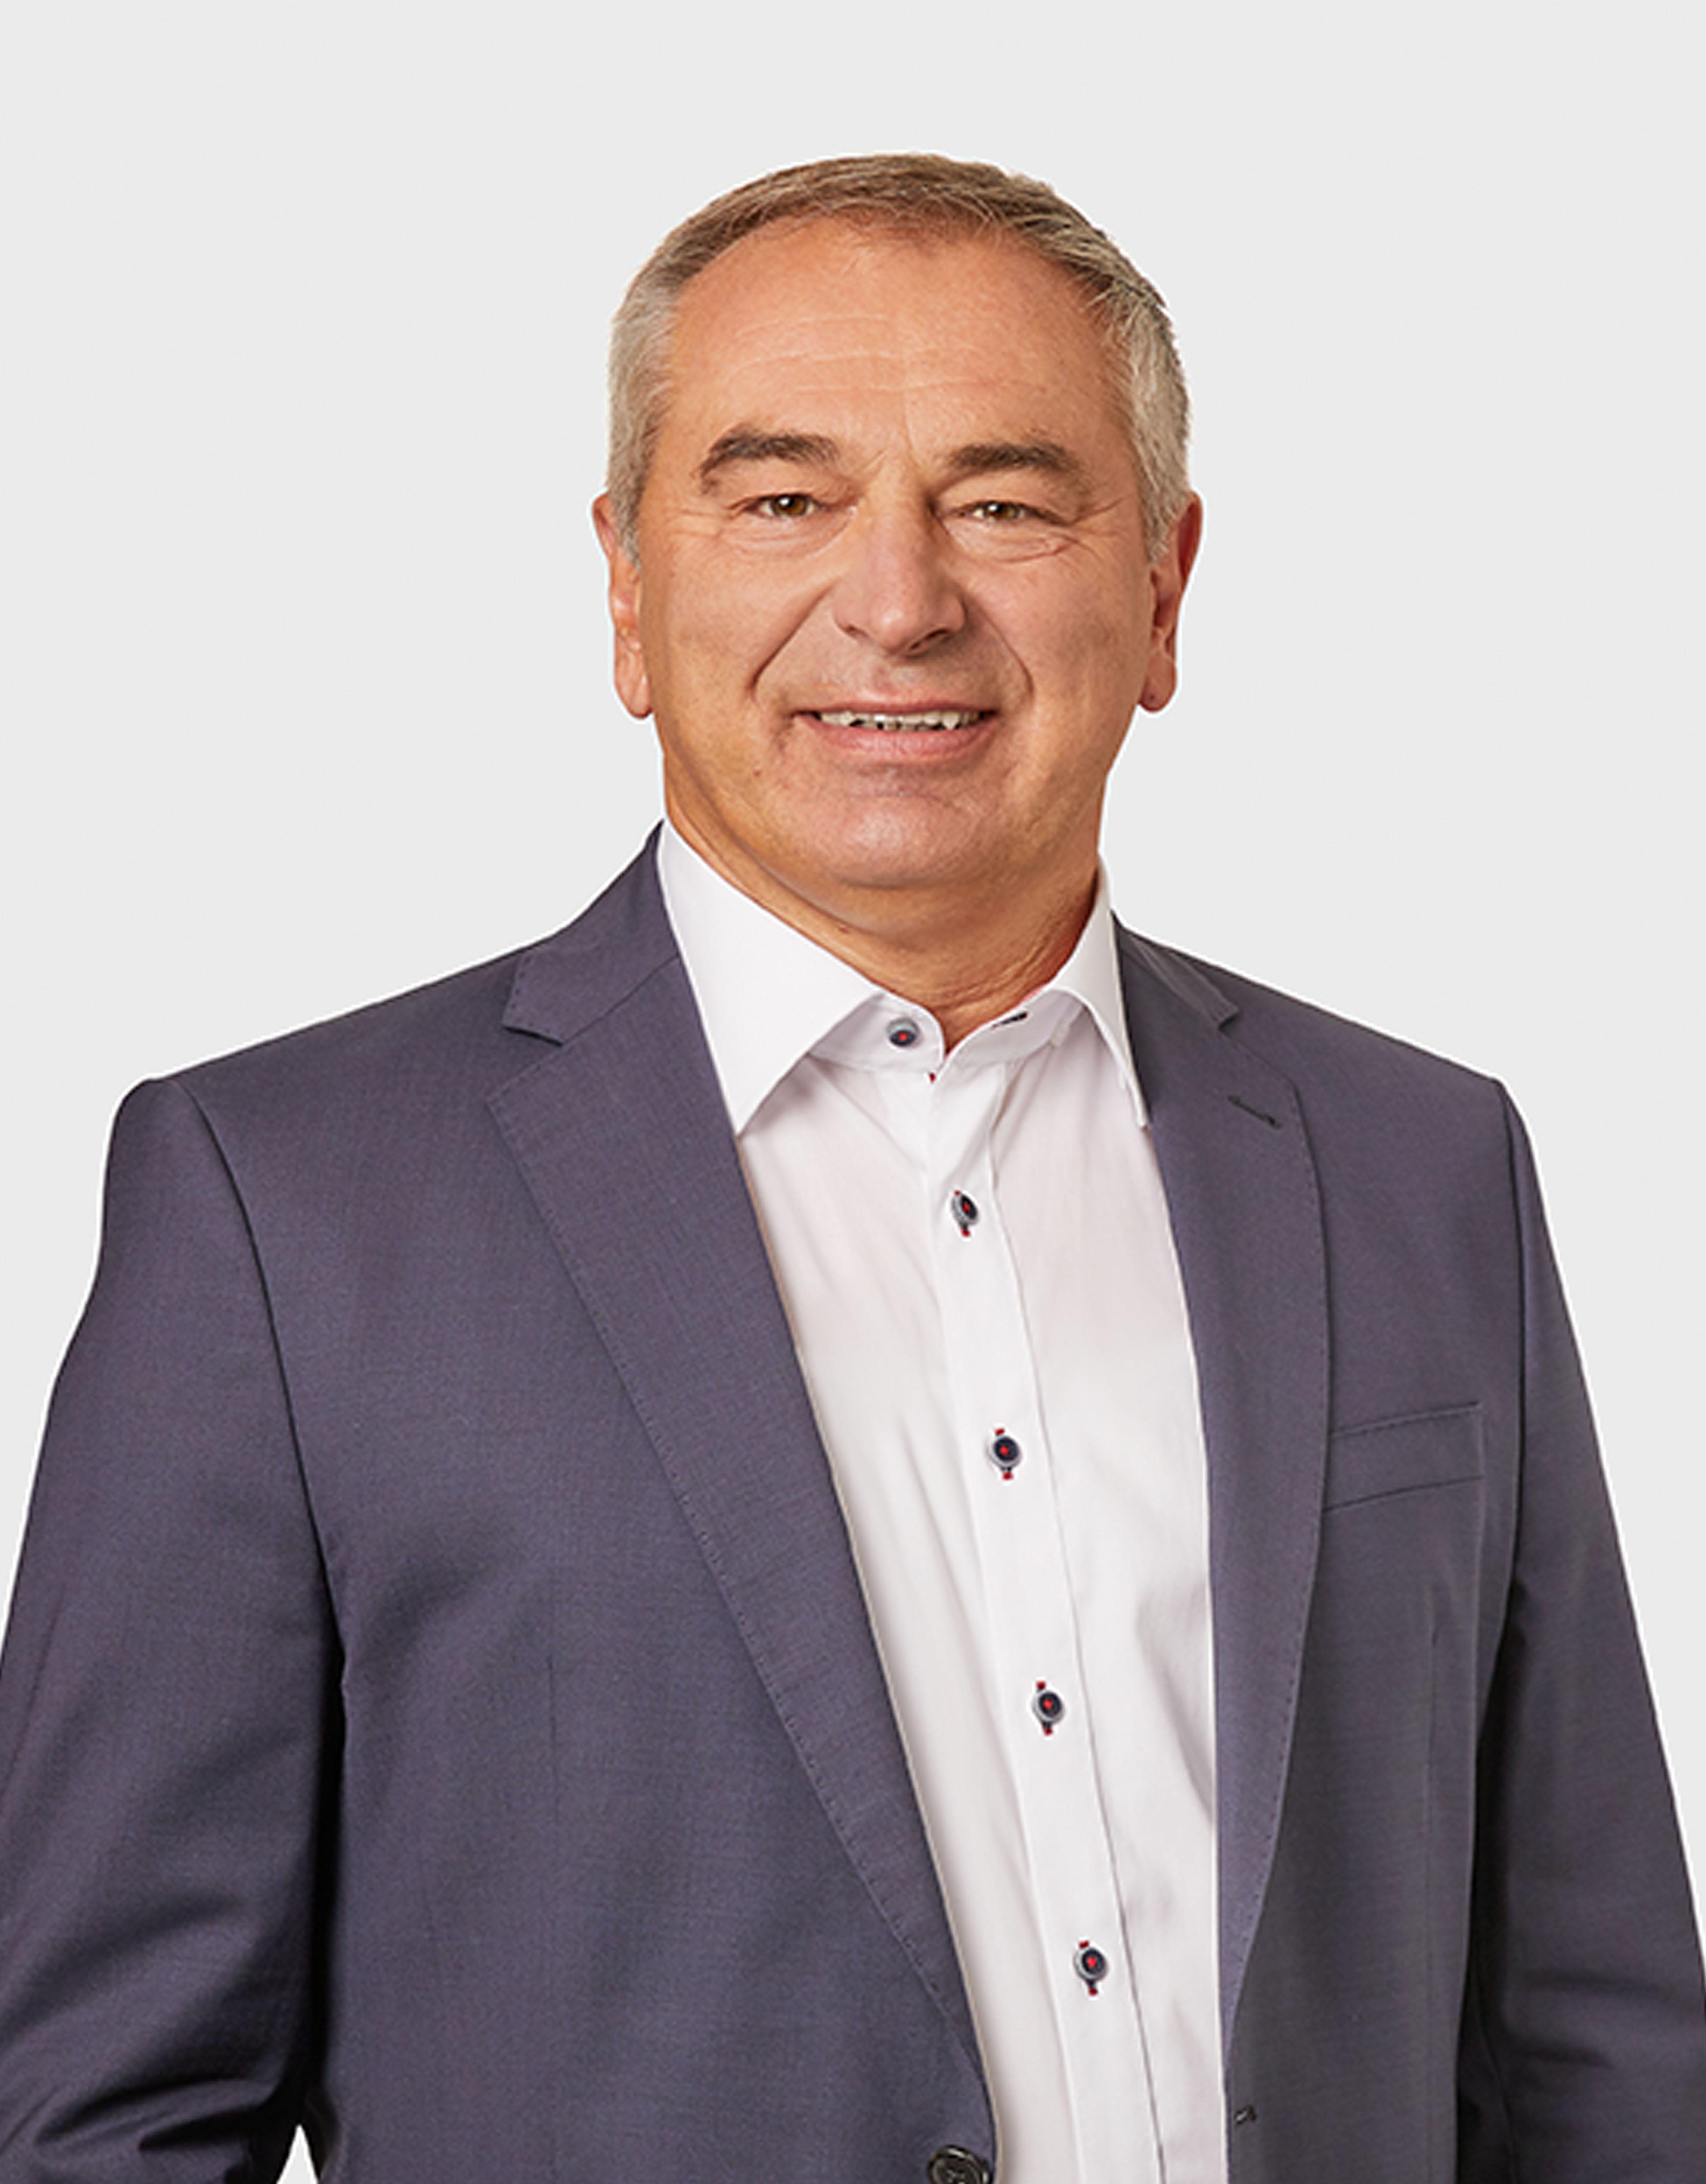 Holger Schmelzeisen